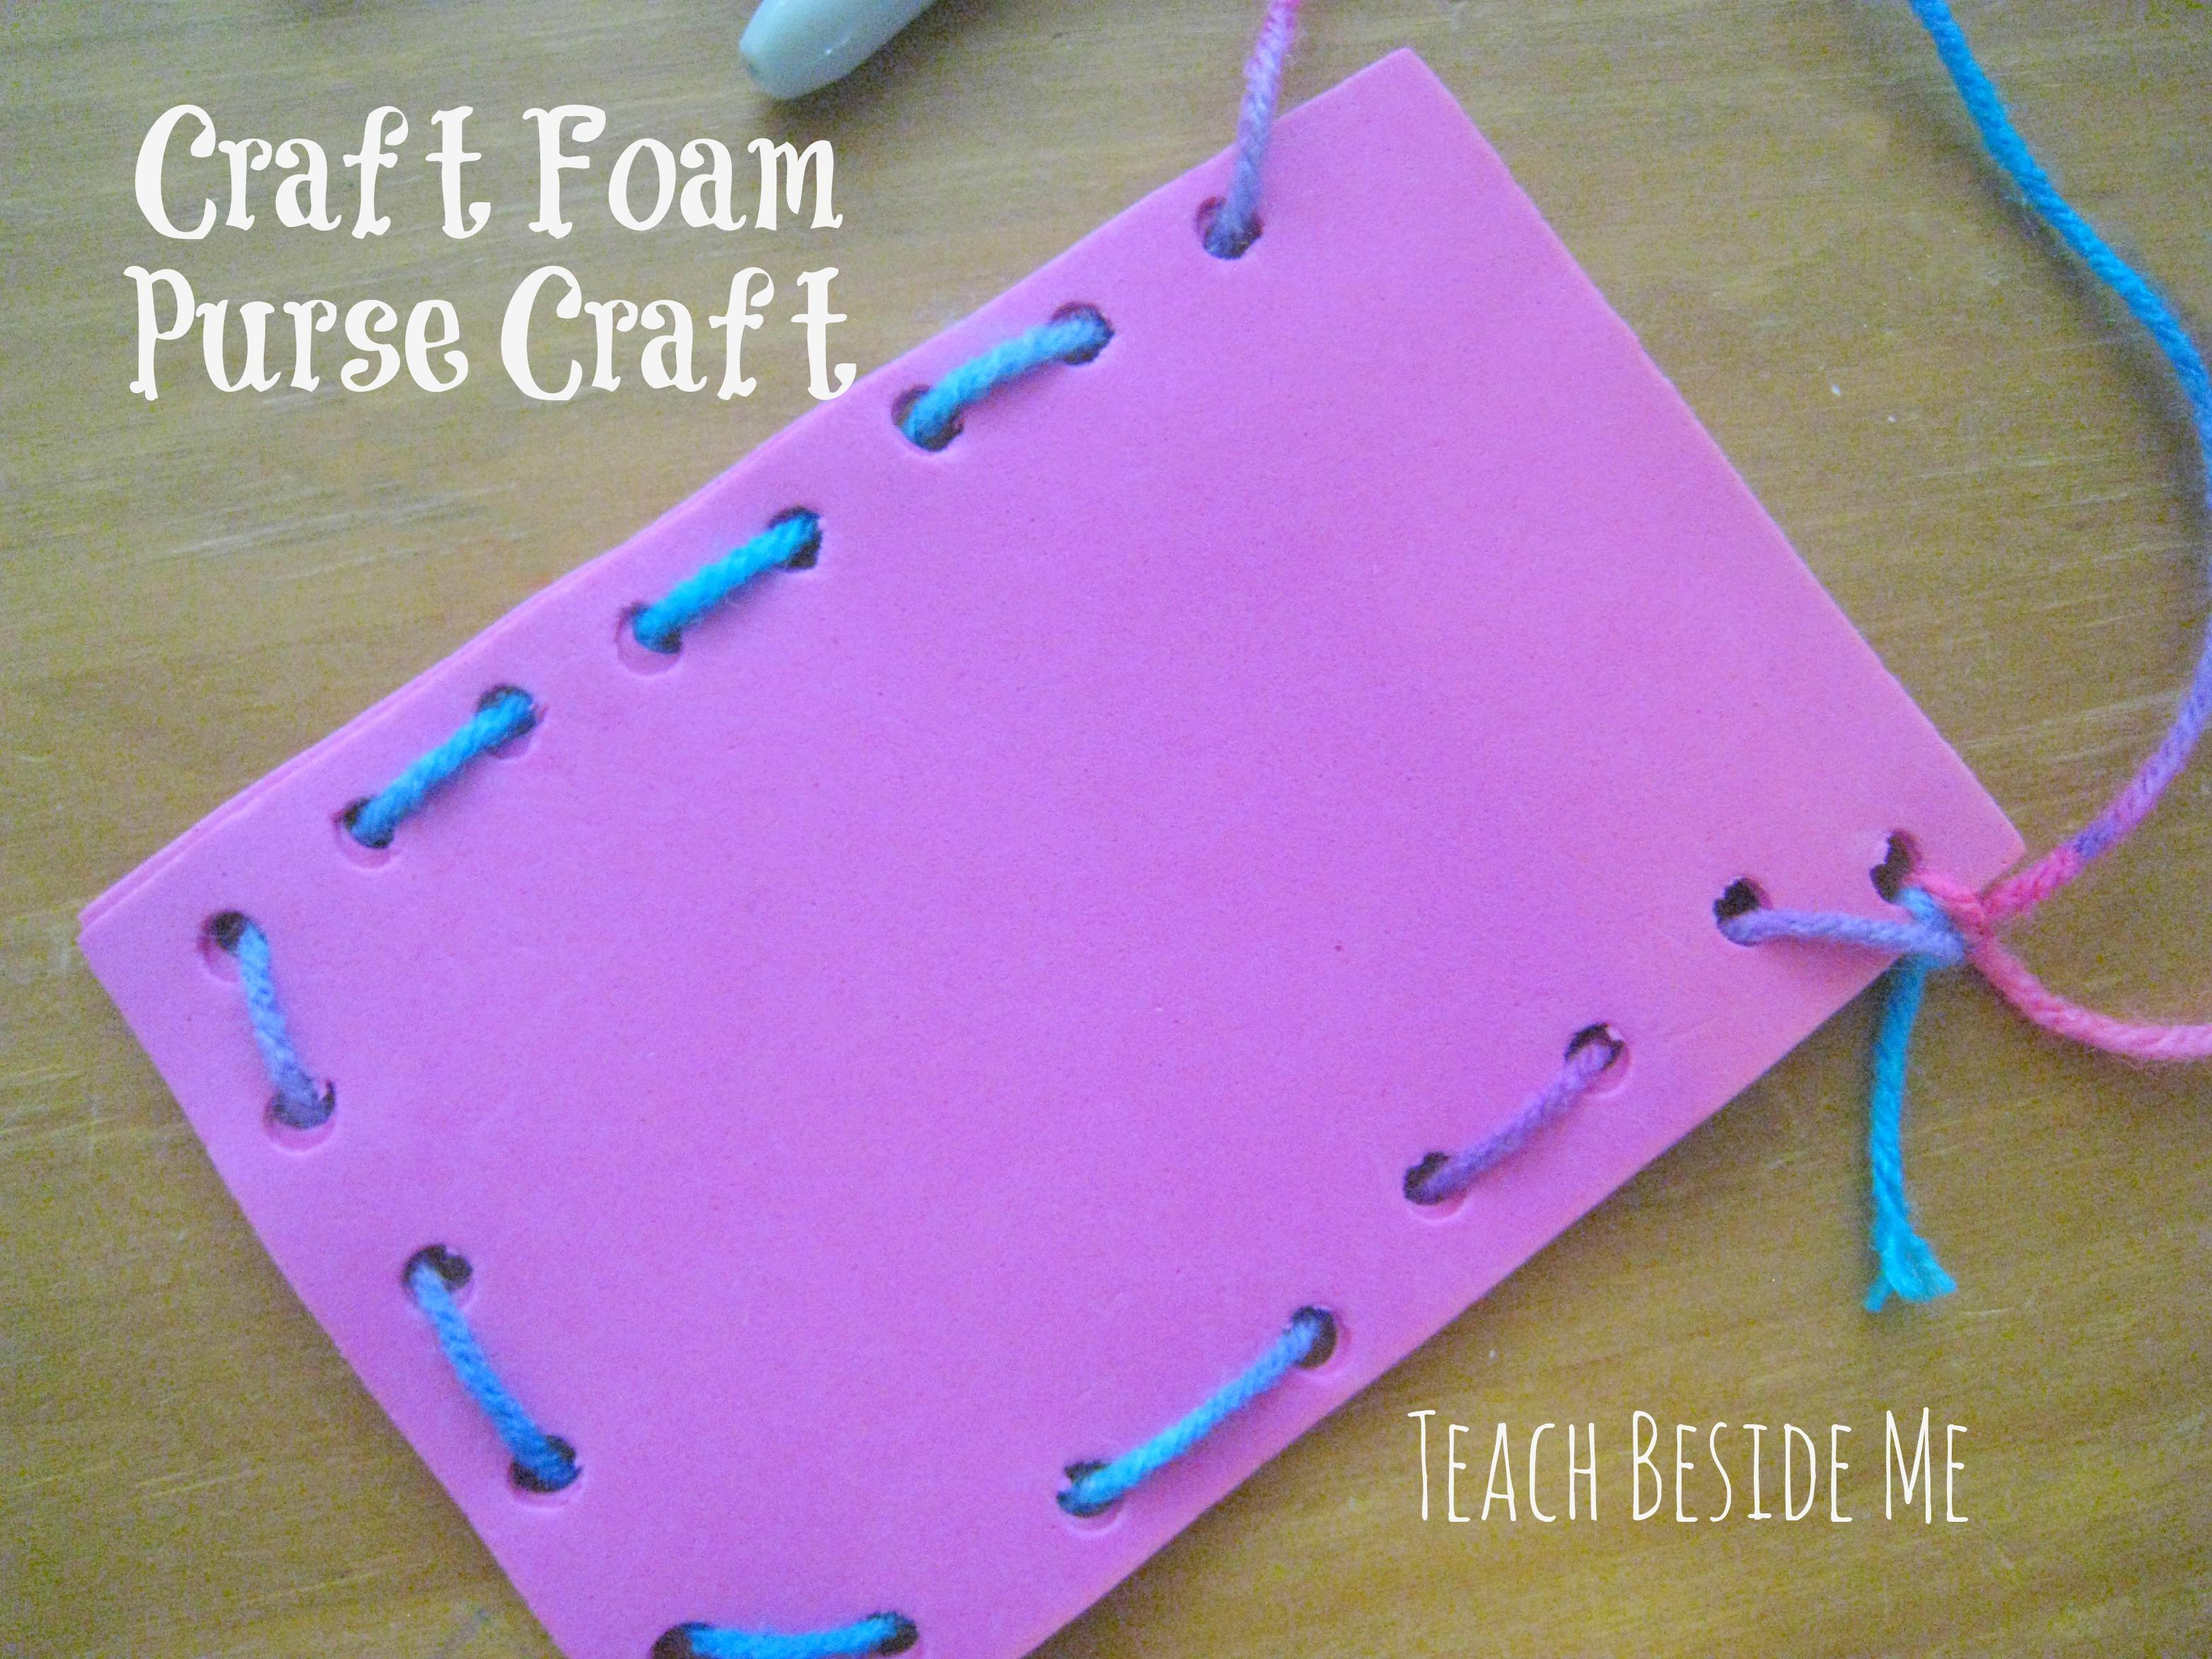 Craft foam purse craft